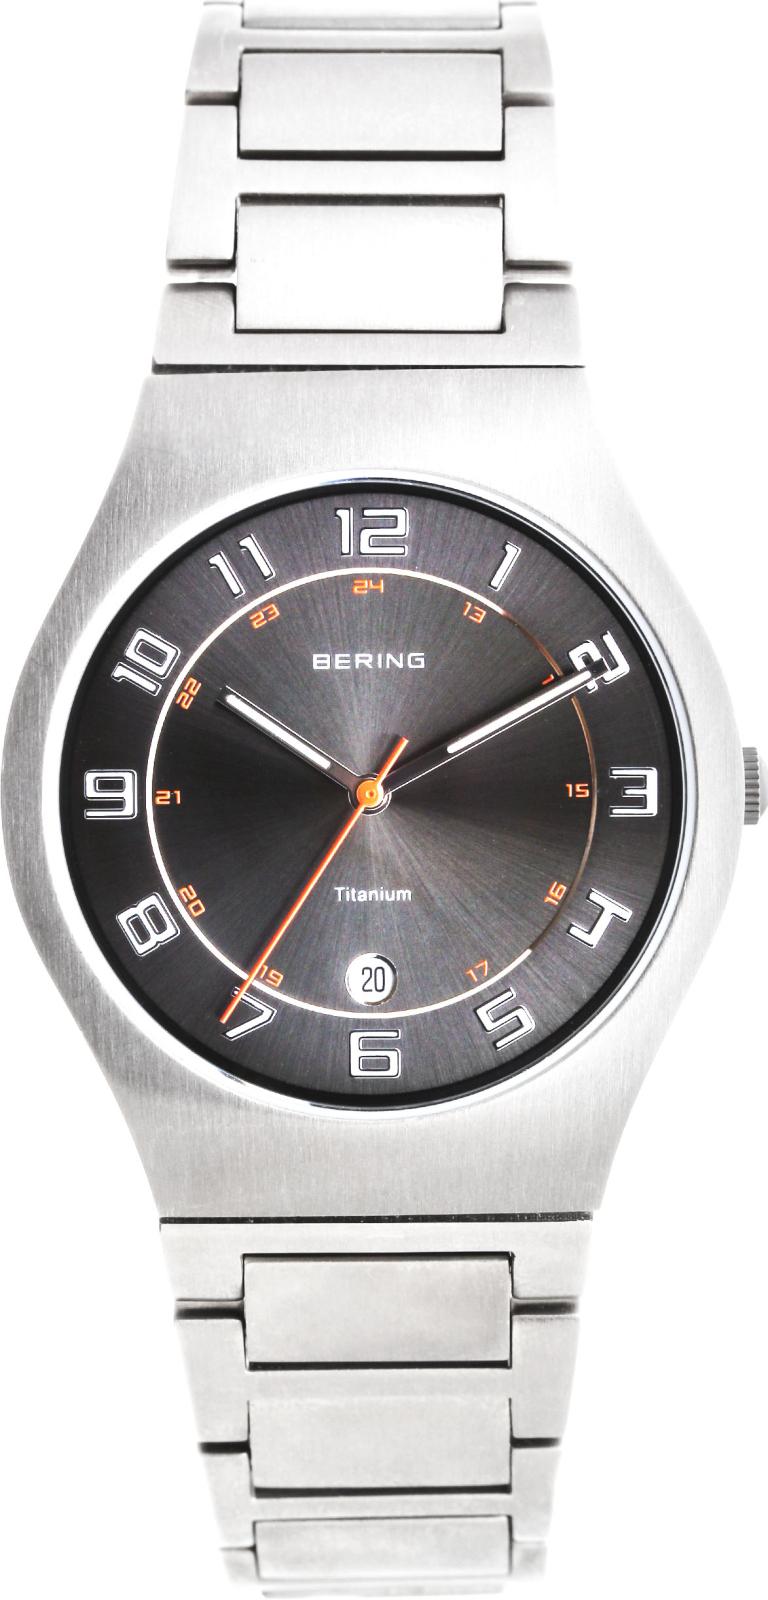 Купить со скидкой Bering Titanium 11937-707